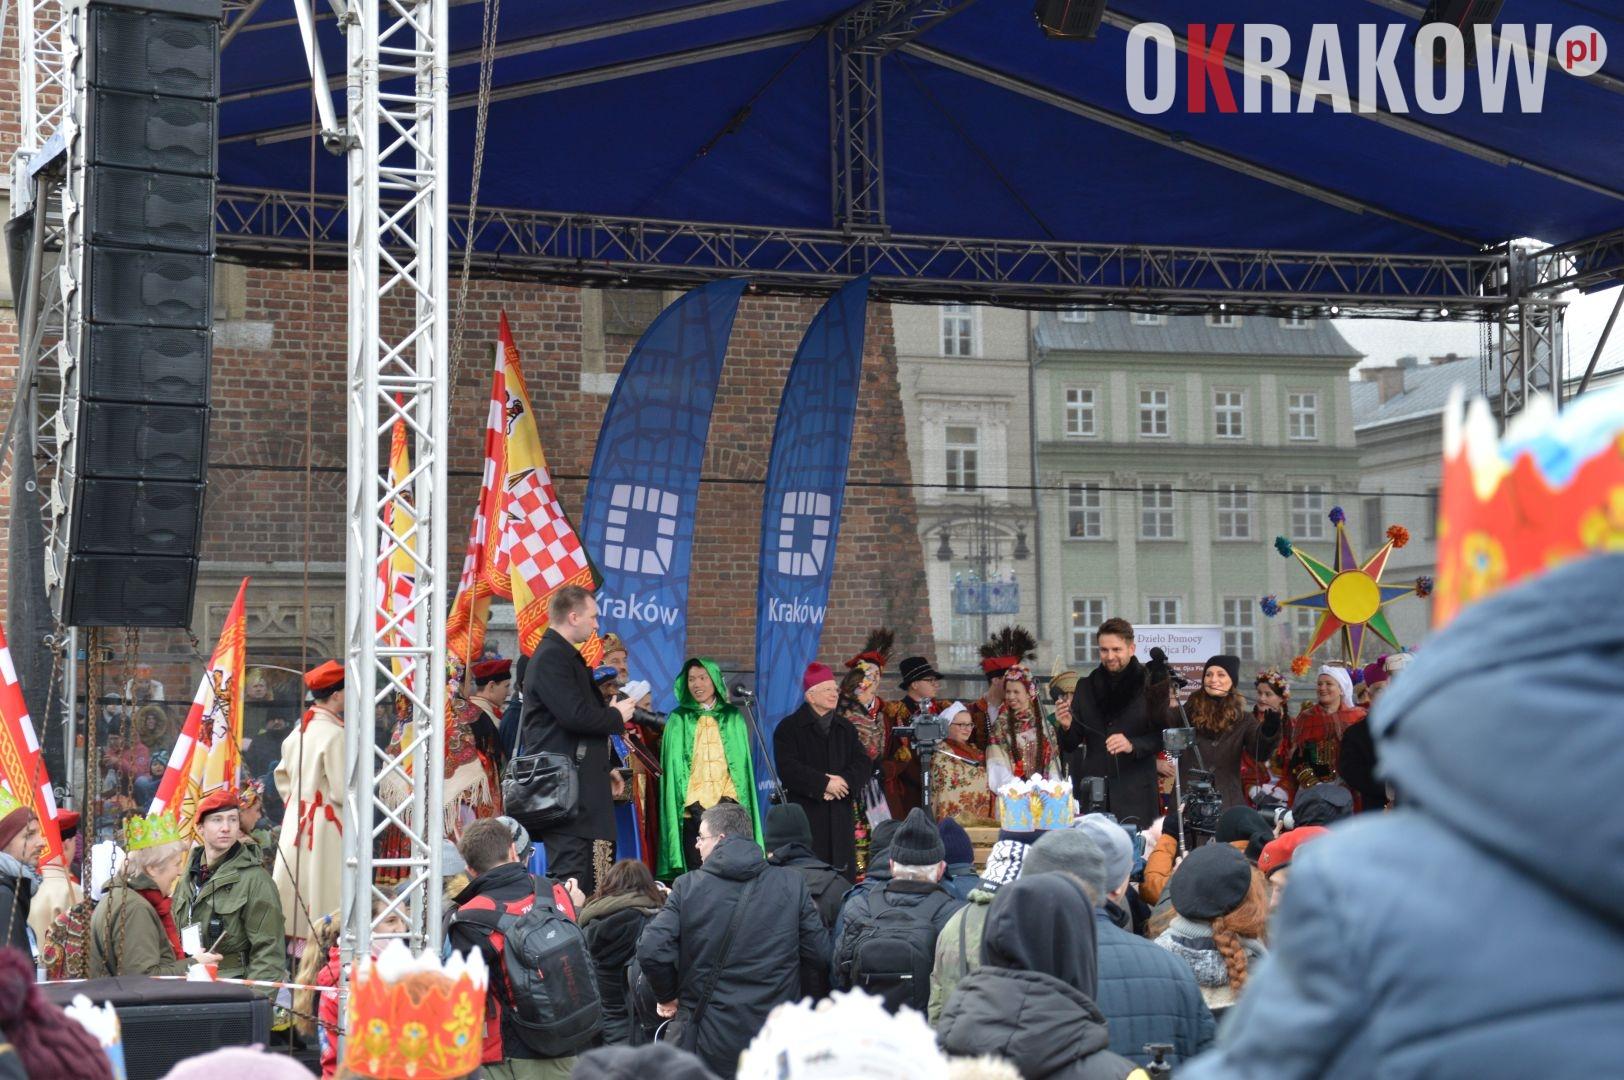 orszak 53 1 150x150 - Orszak Trzech Króli Kraków 2020 Galeria Zdjęć z Orszaku (czerwonego)